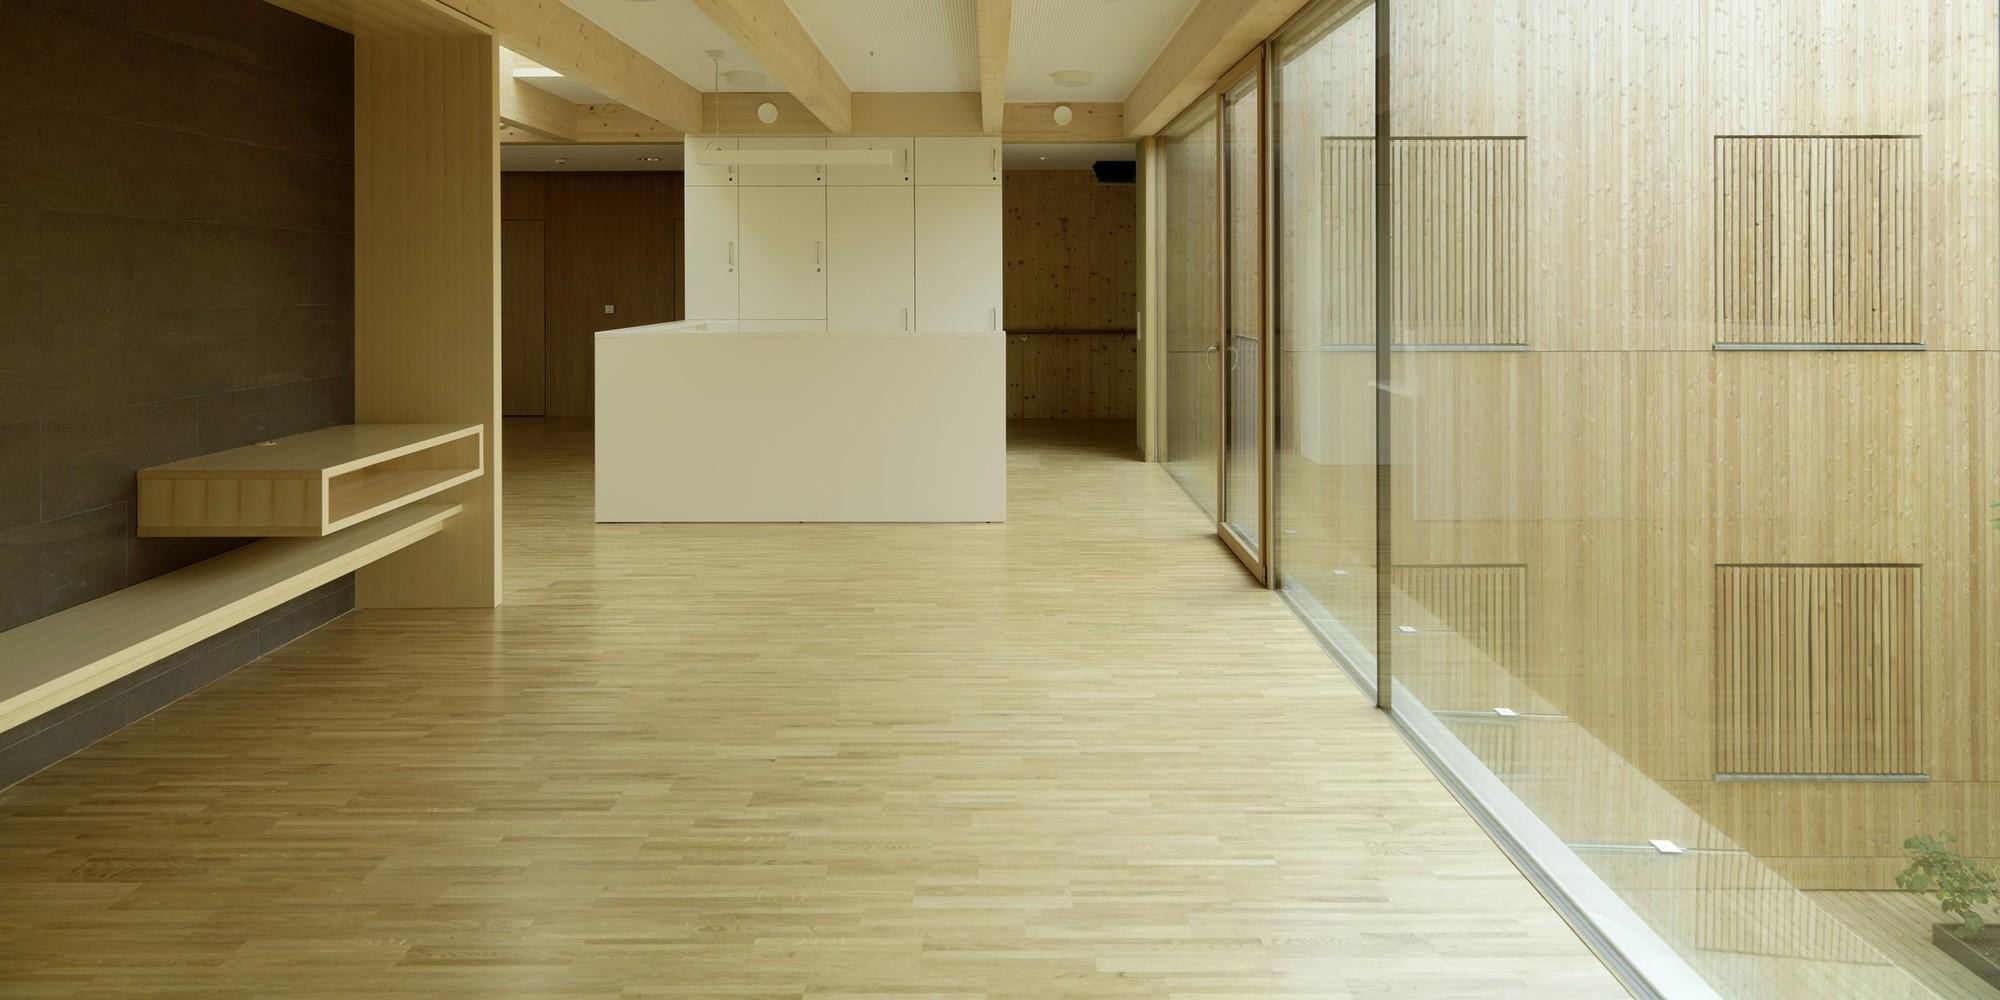 Conhecido Galeria de Lar de Idosos Peter Rosegger / Dietger Wissounig  OM05